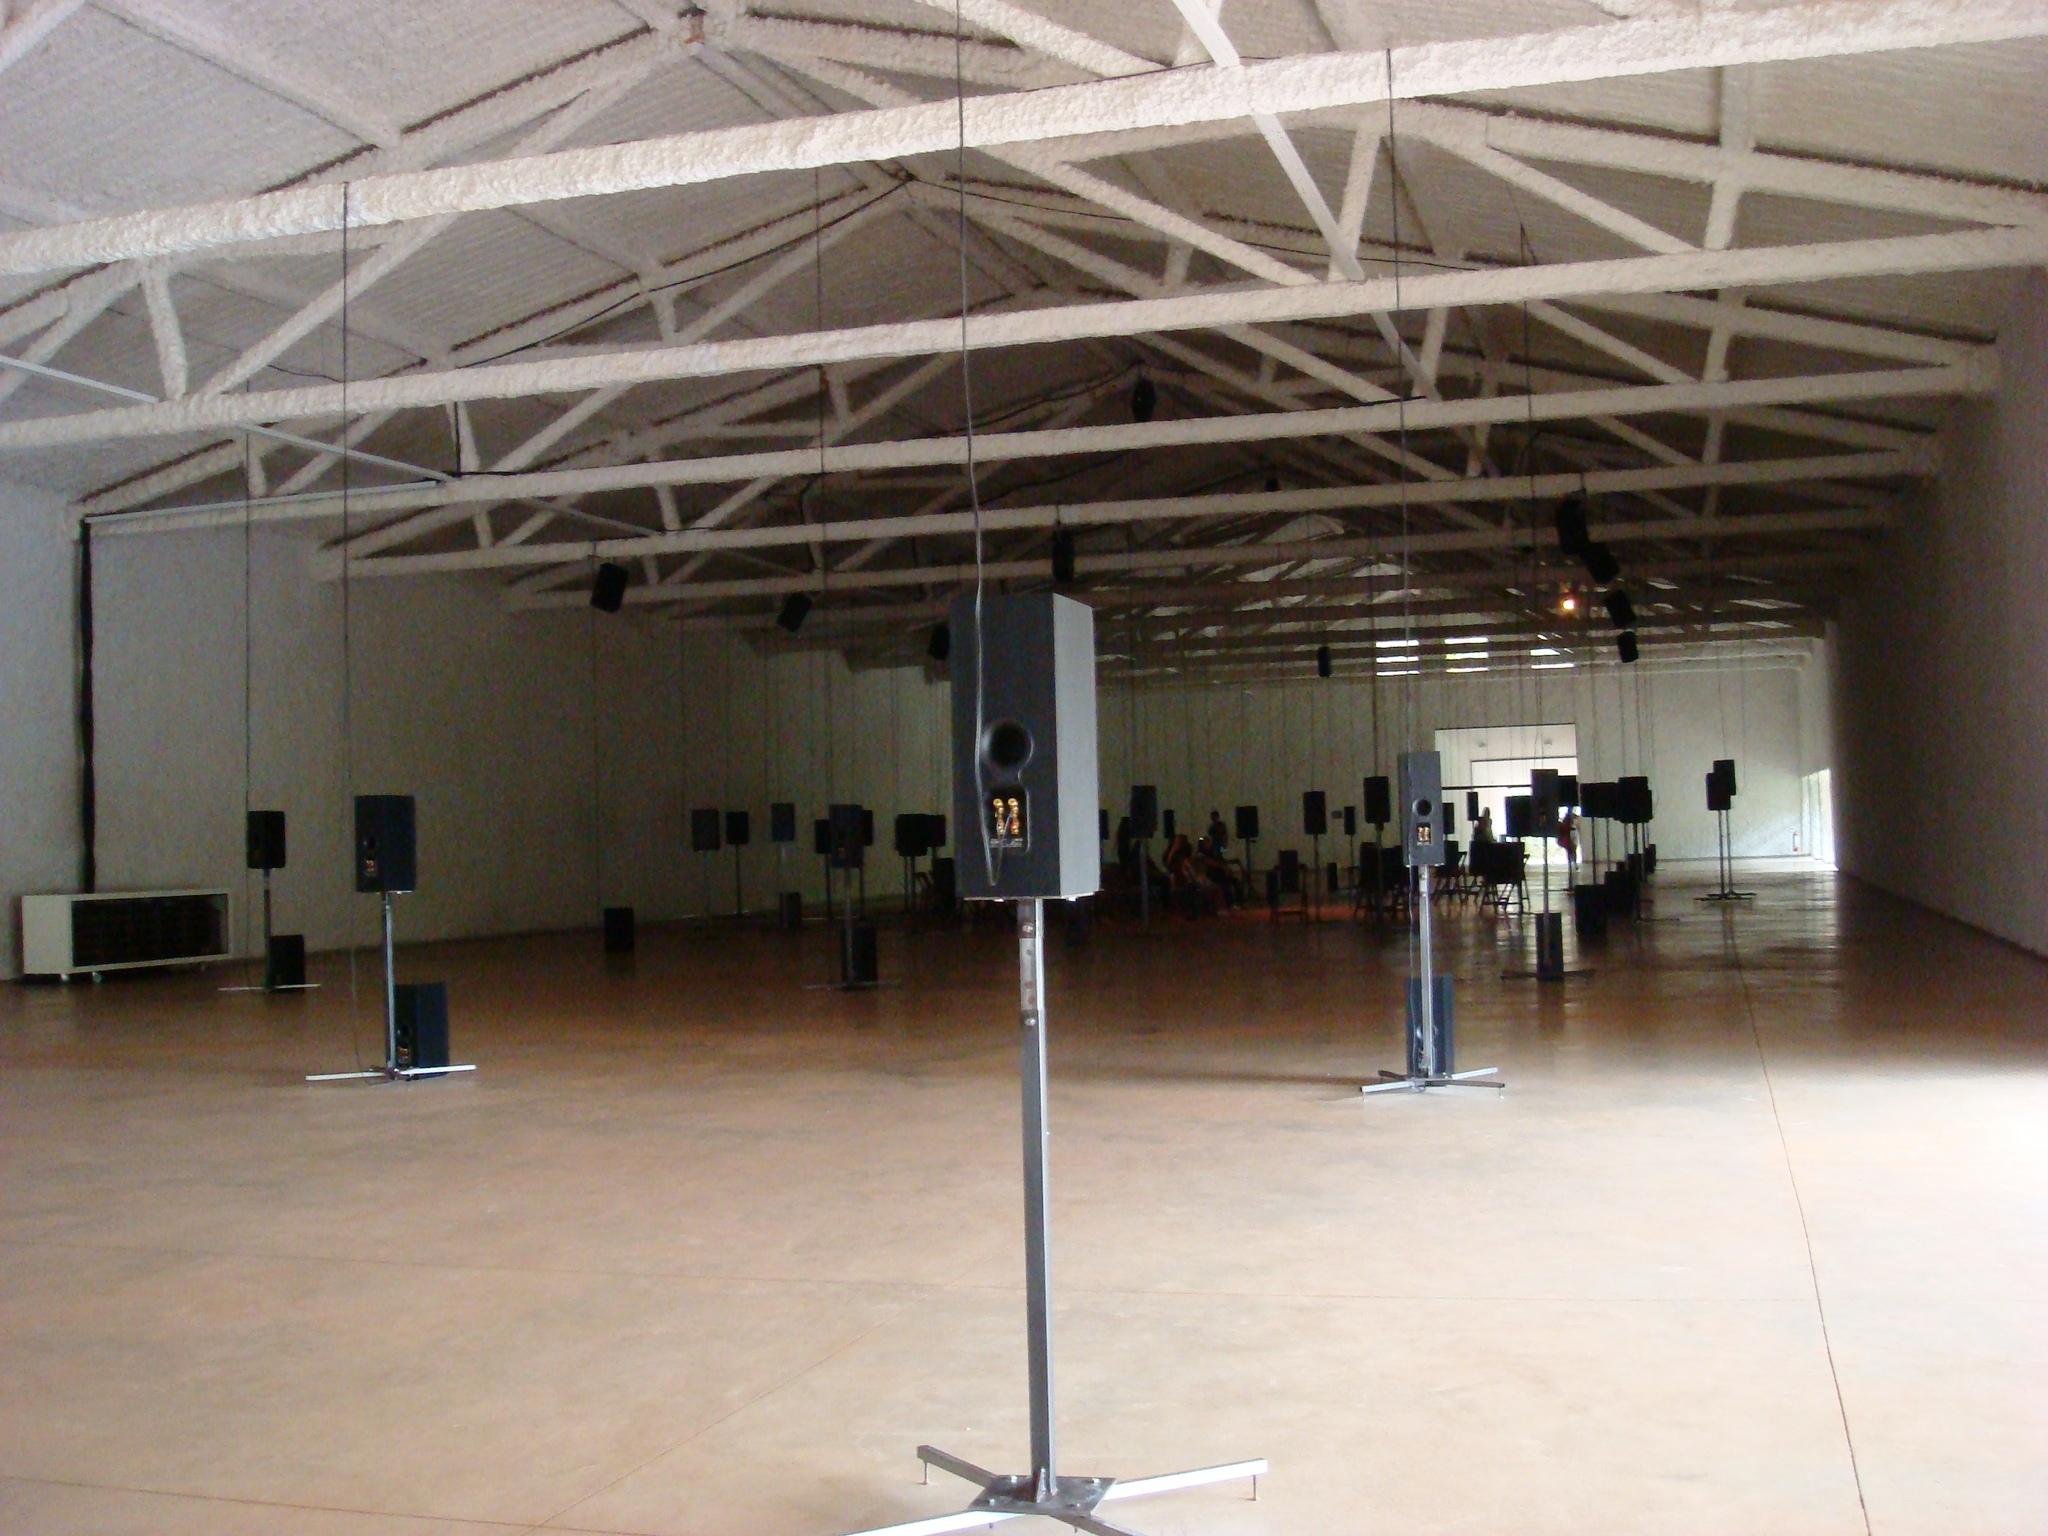 Sala do Luke  - Página 17 Niverhrica20120501102